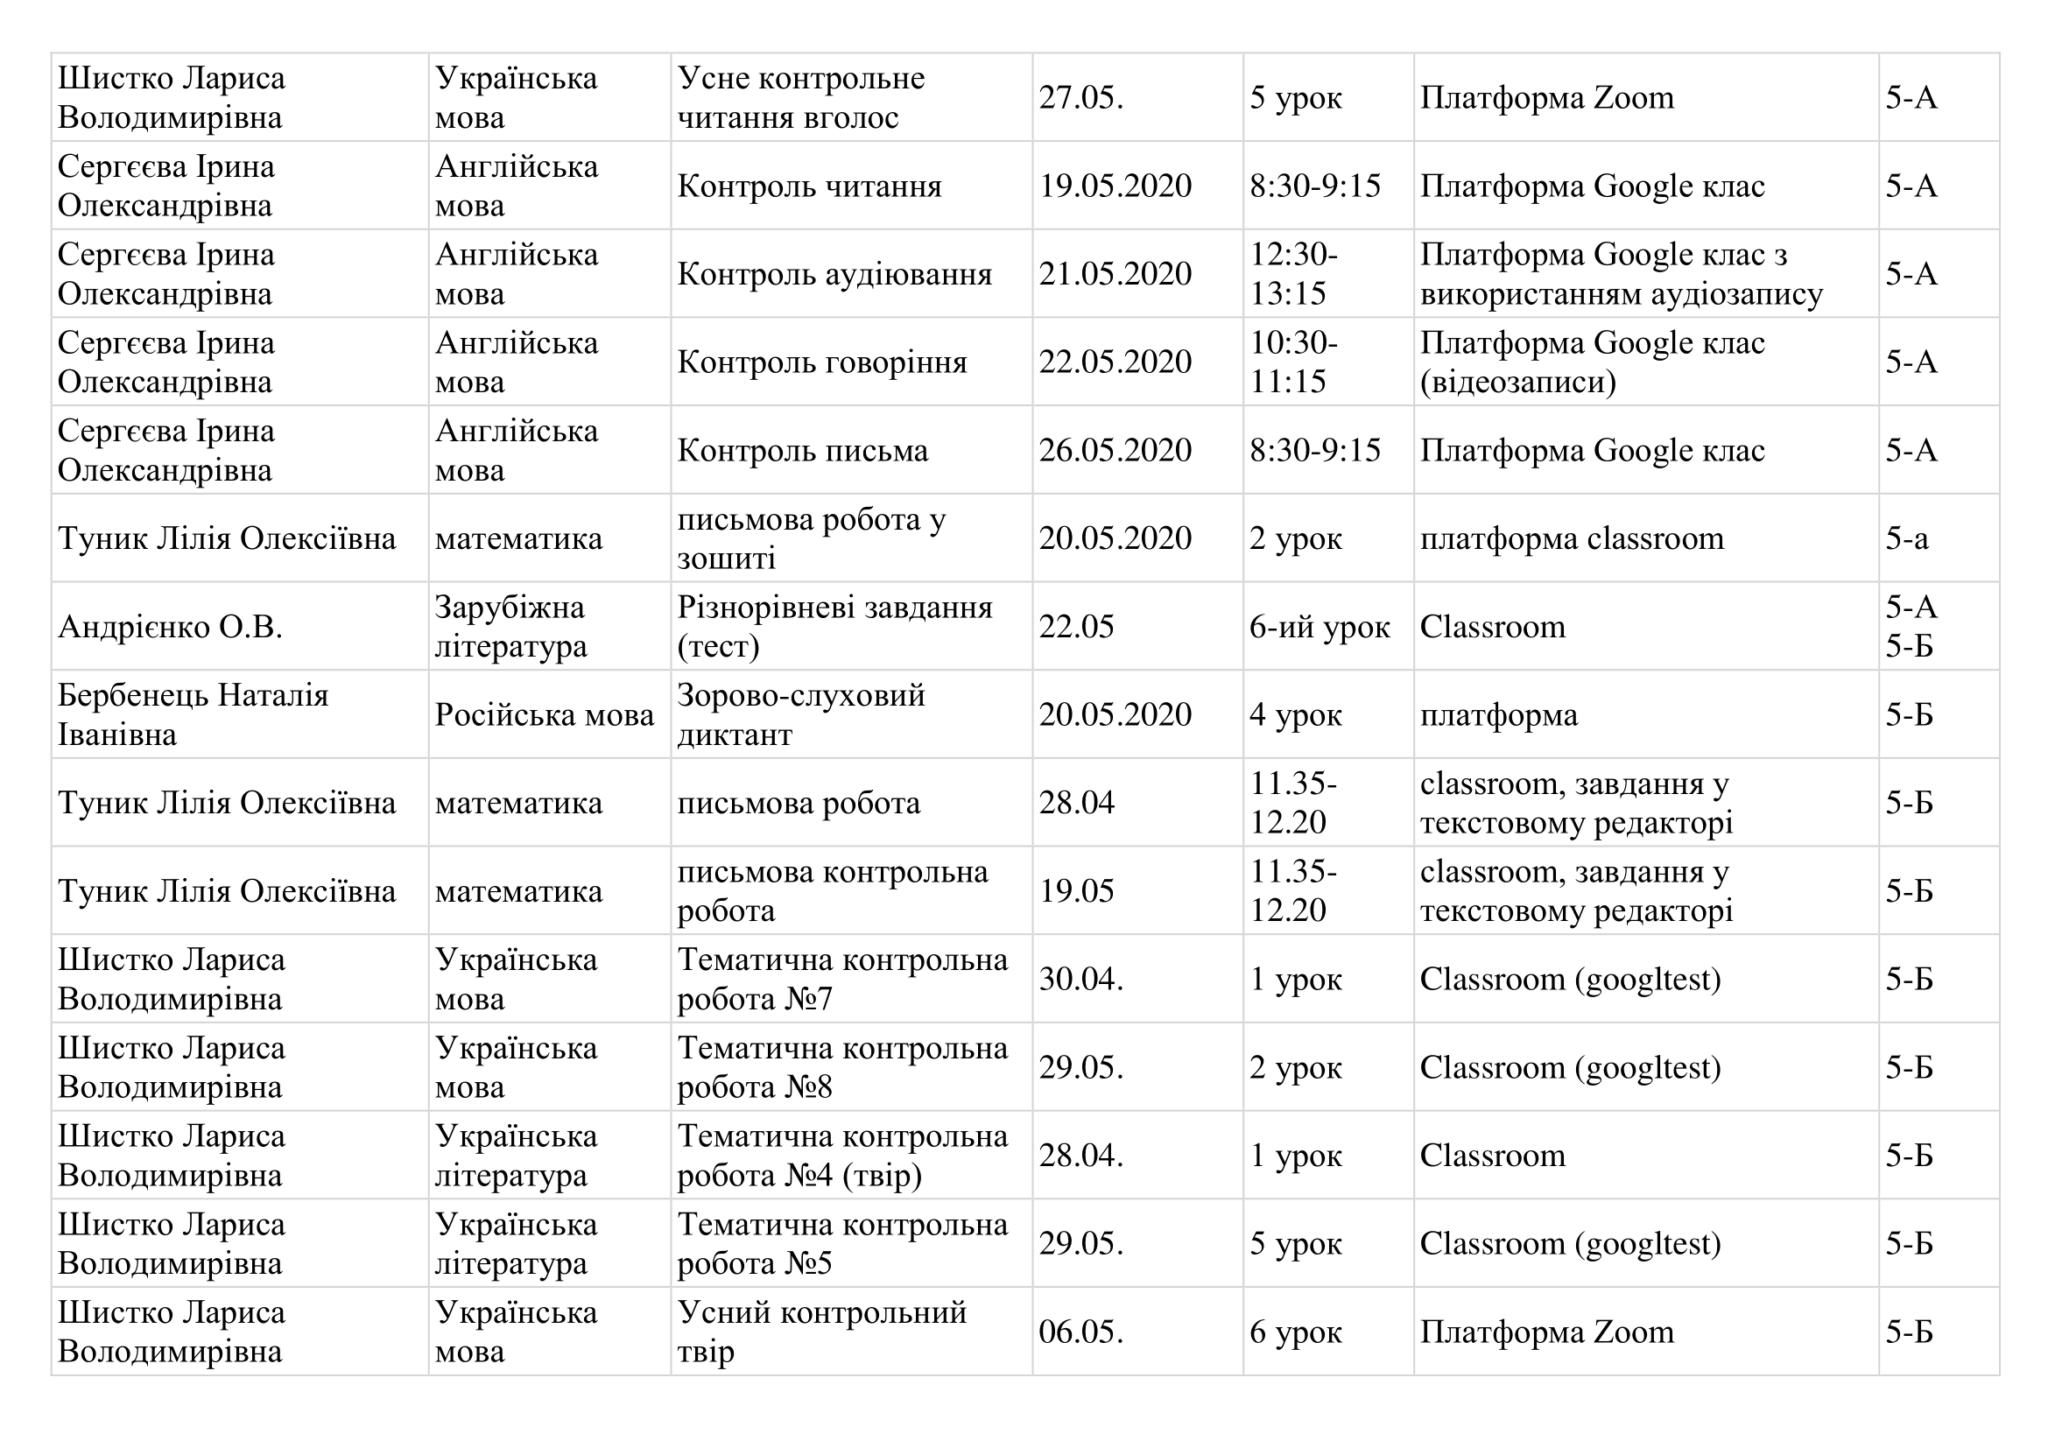 графiк_пiдсумкових_контрол_них_робiт_5-i_класи-2